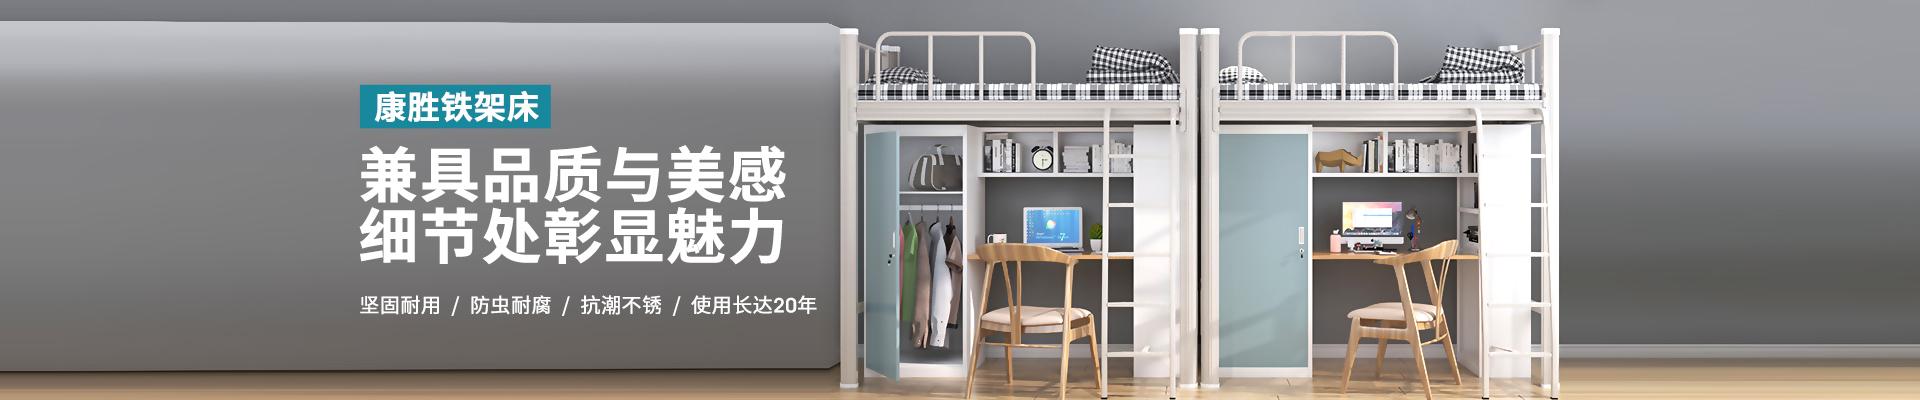 康胜家具-康盛铁架床—兼具品质与美感,细节处彰显魅力